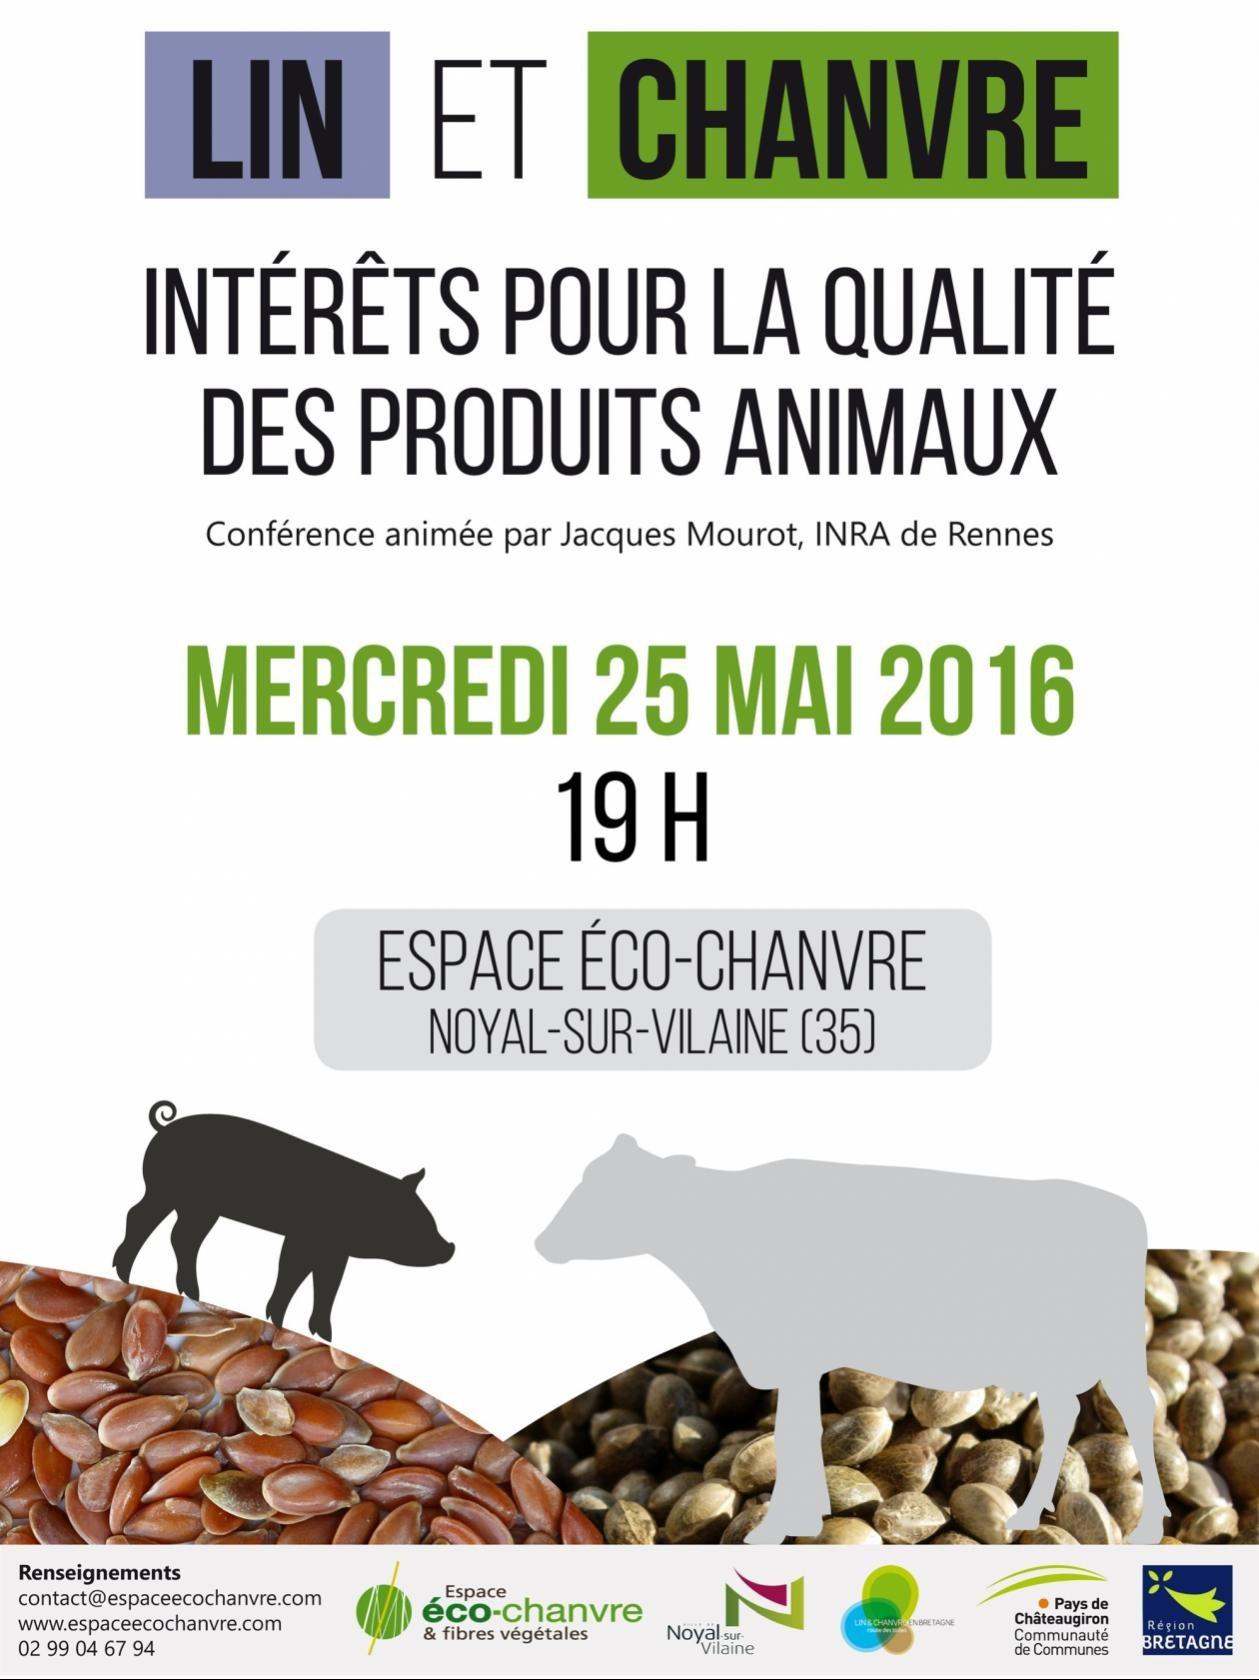 Lin et chanvre, intérêts pour la qualité des produits animaux Noyal-sur-Vilaine